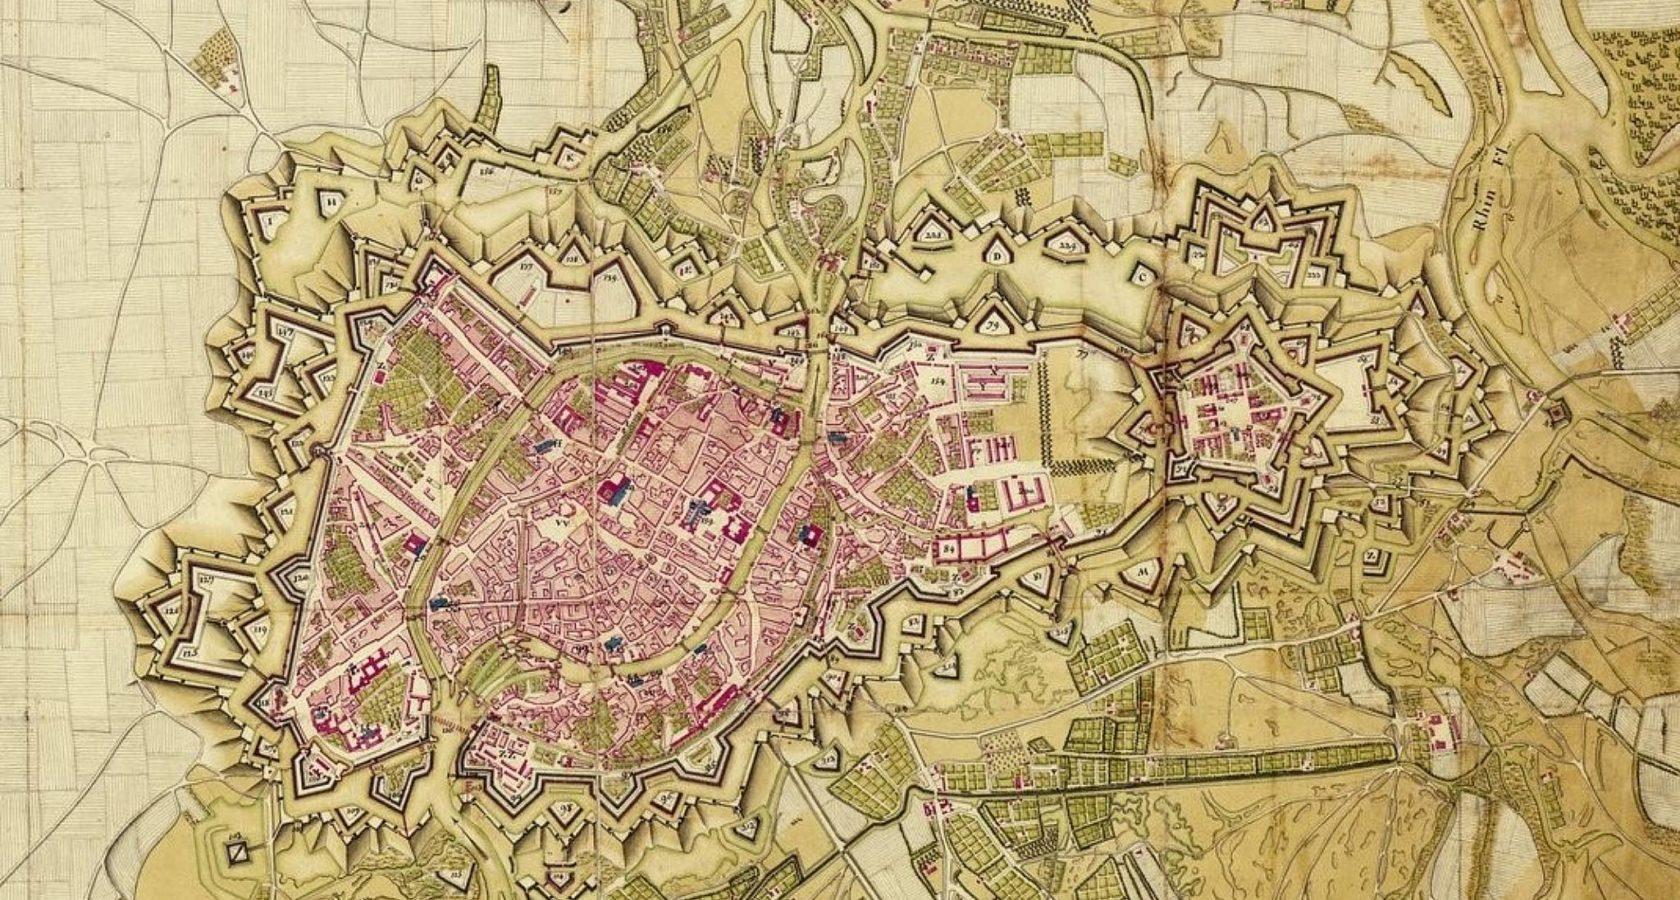 Karte mit den von Vauban in Straßburg gebauten Festungsanlagen um 1750, Copyright AVES